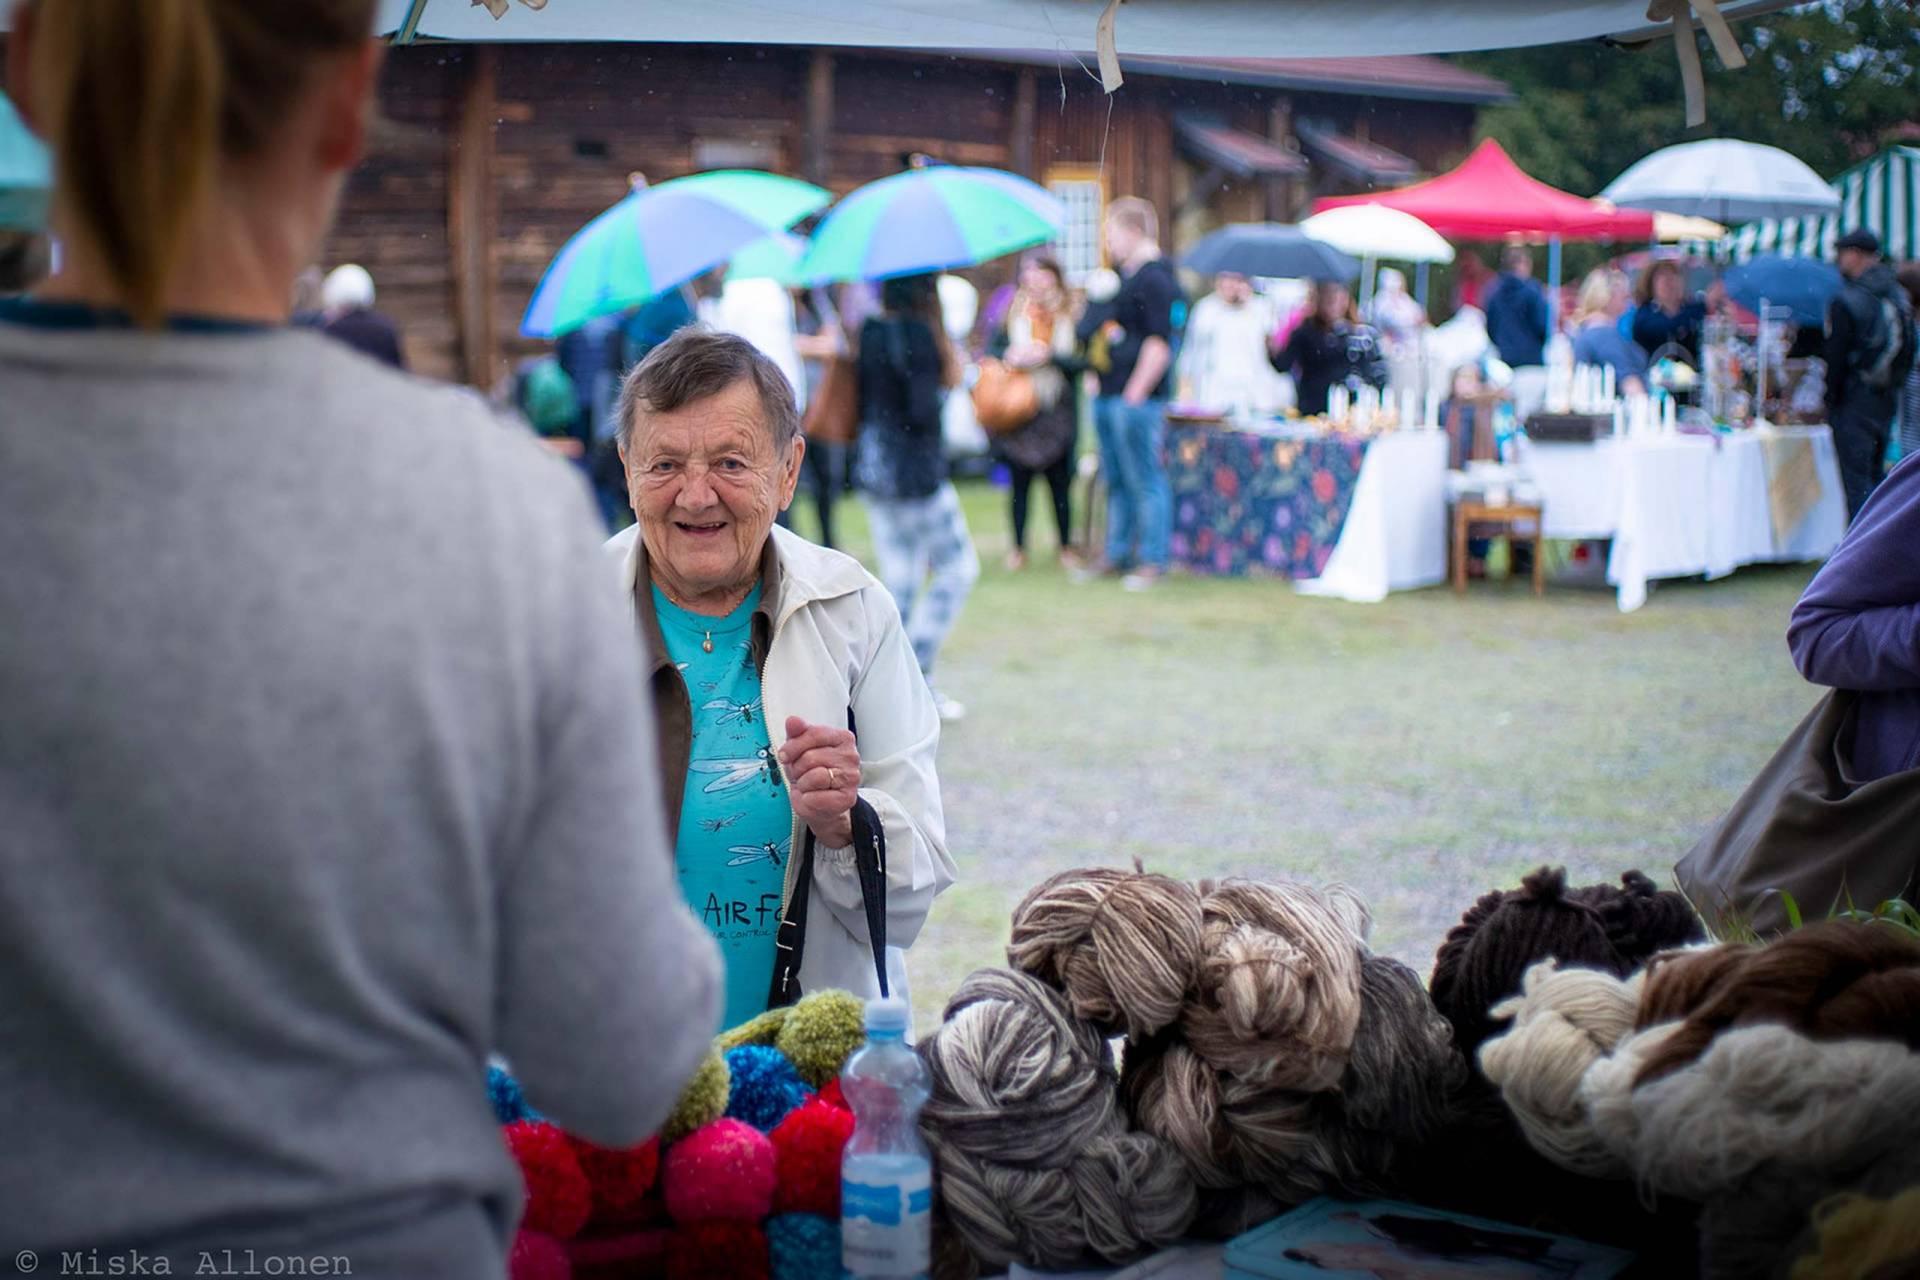 Vanhempi nainen ostaa lankoja Voipaalan markkinoilla